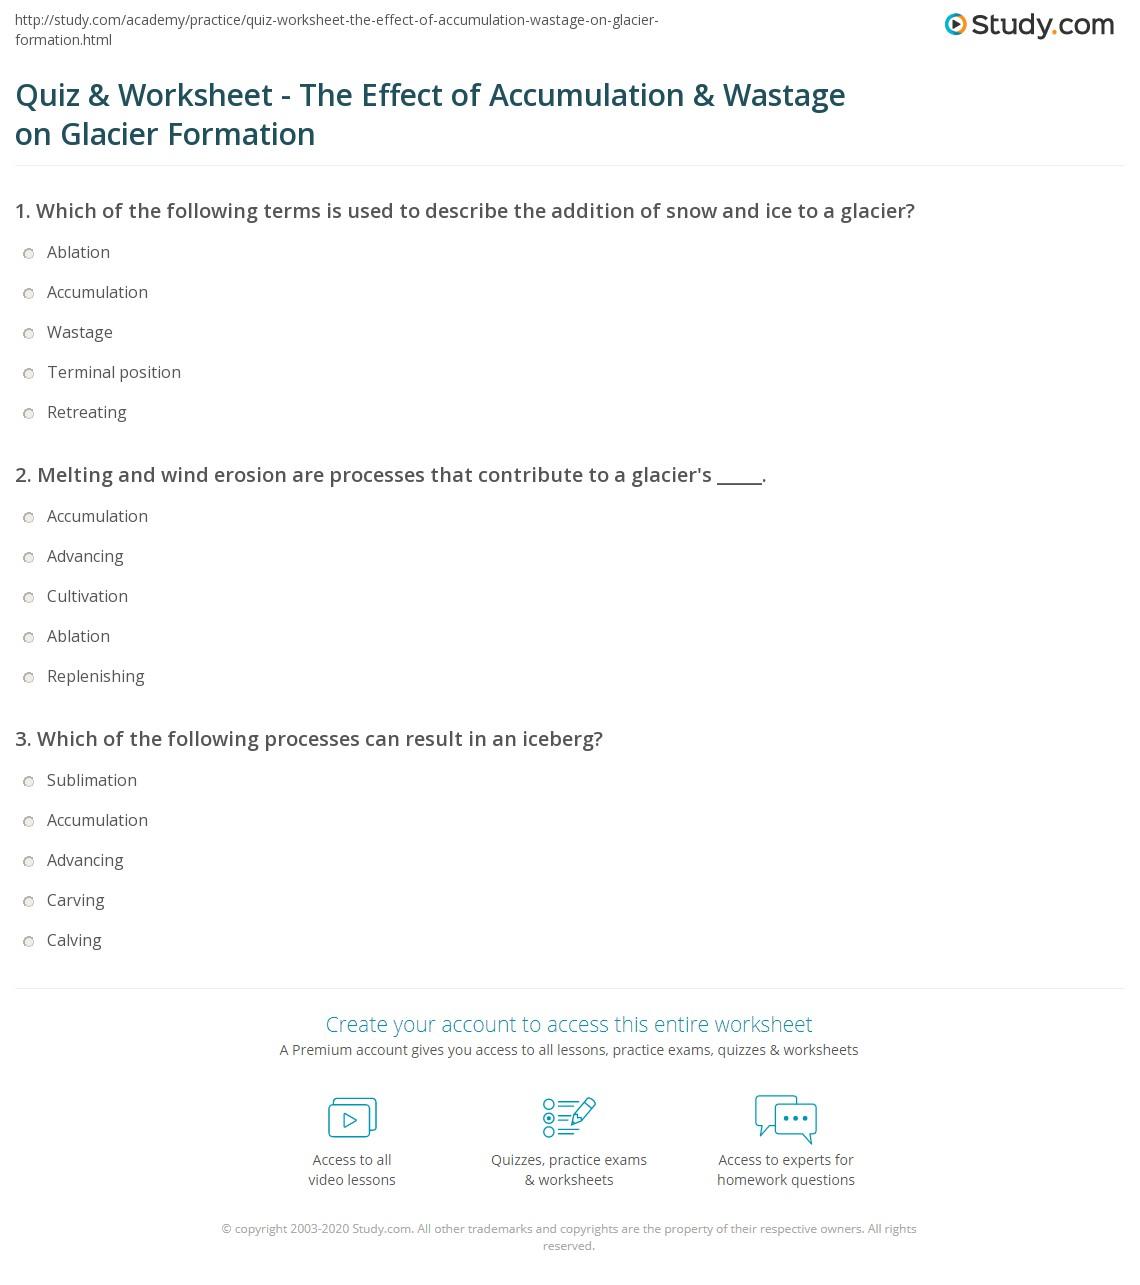 quiz worksheet the effect of accumulation wastage on glacier formation. Black Bedroom Furniture Sets. Home Design Ideas